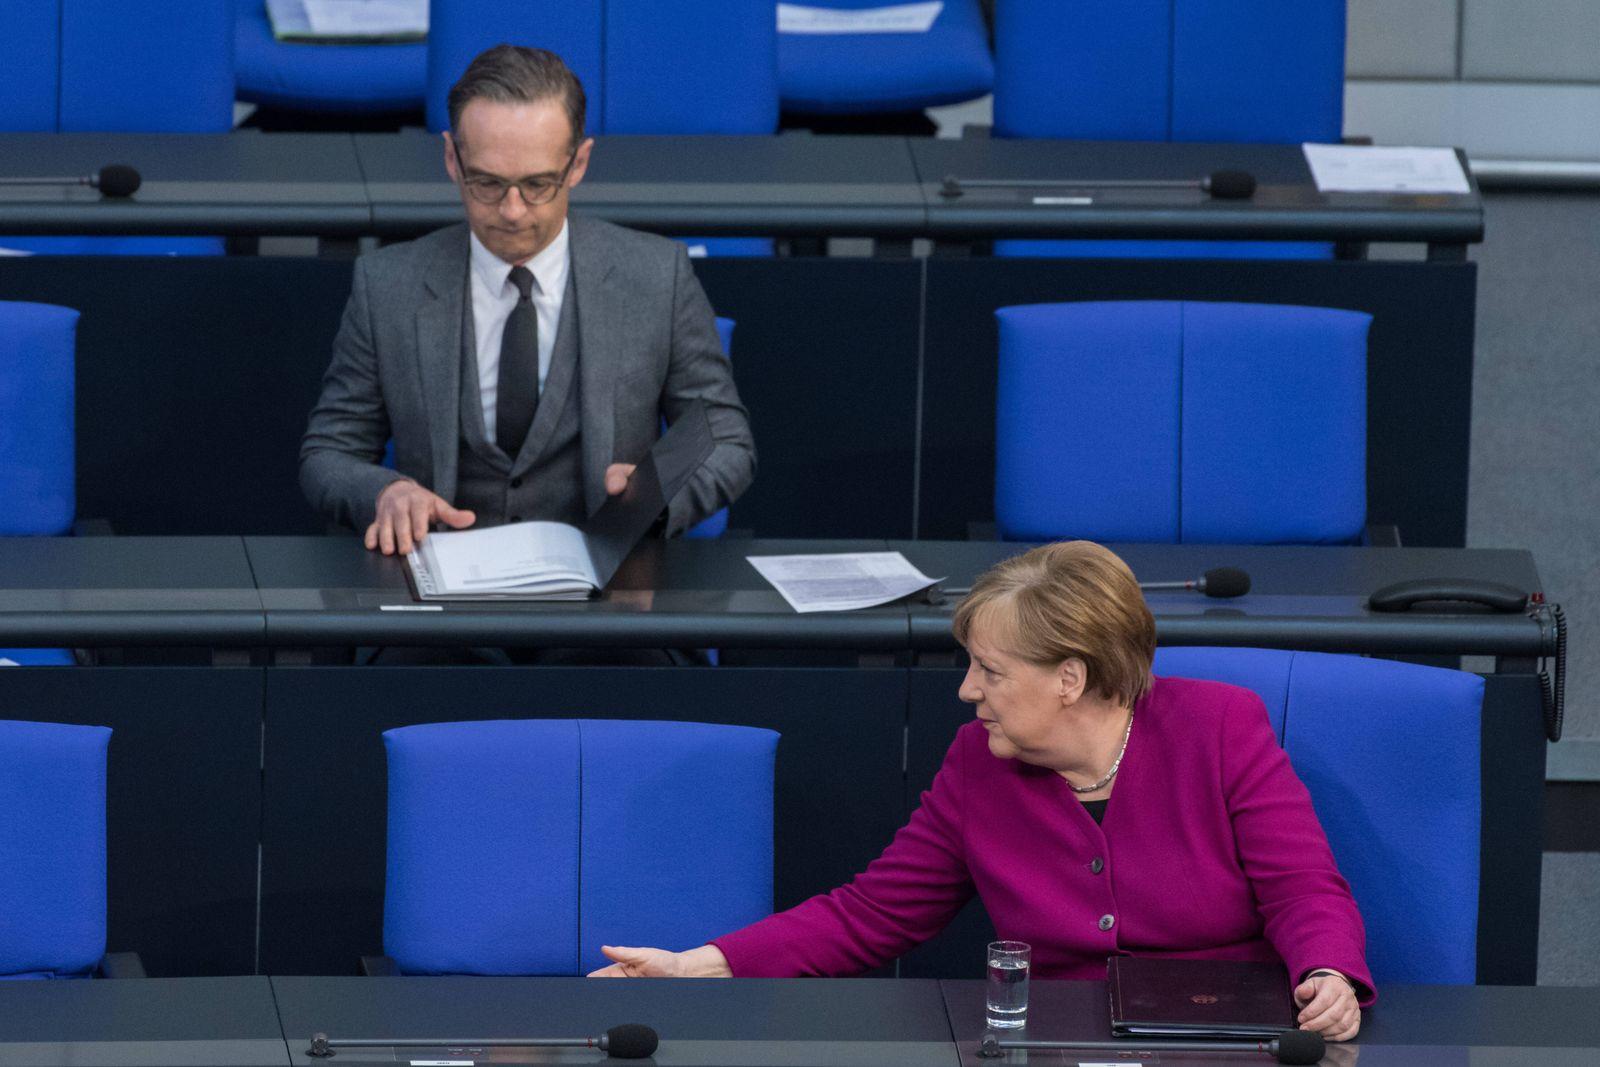 Berlin, Regierungserklärung von Angela Merkel im Bundestag Deutschland, Berlin - 23.04.2020: Im Bild ist die deutsche B